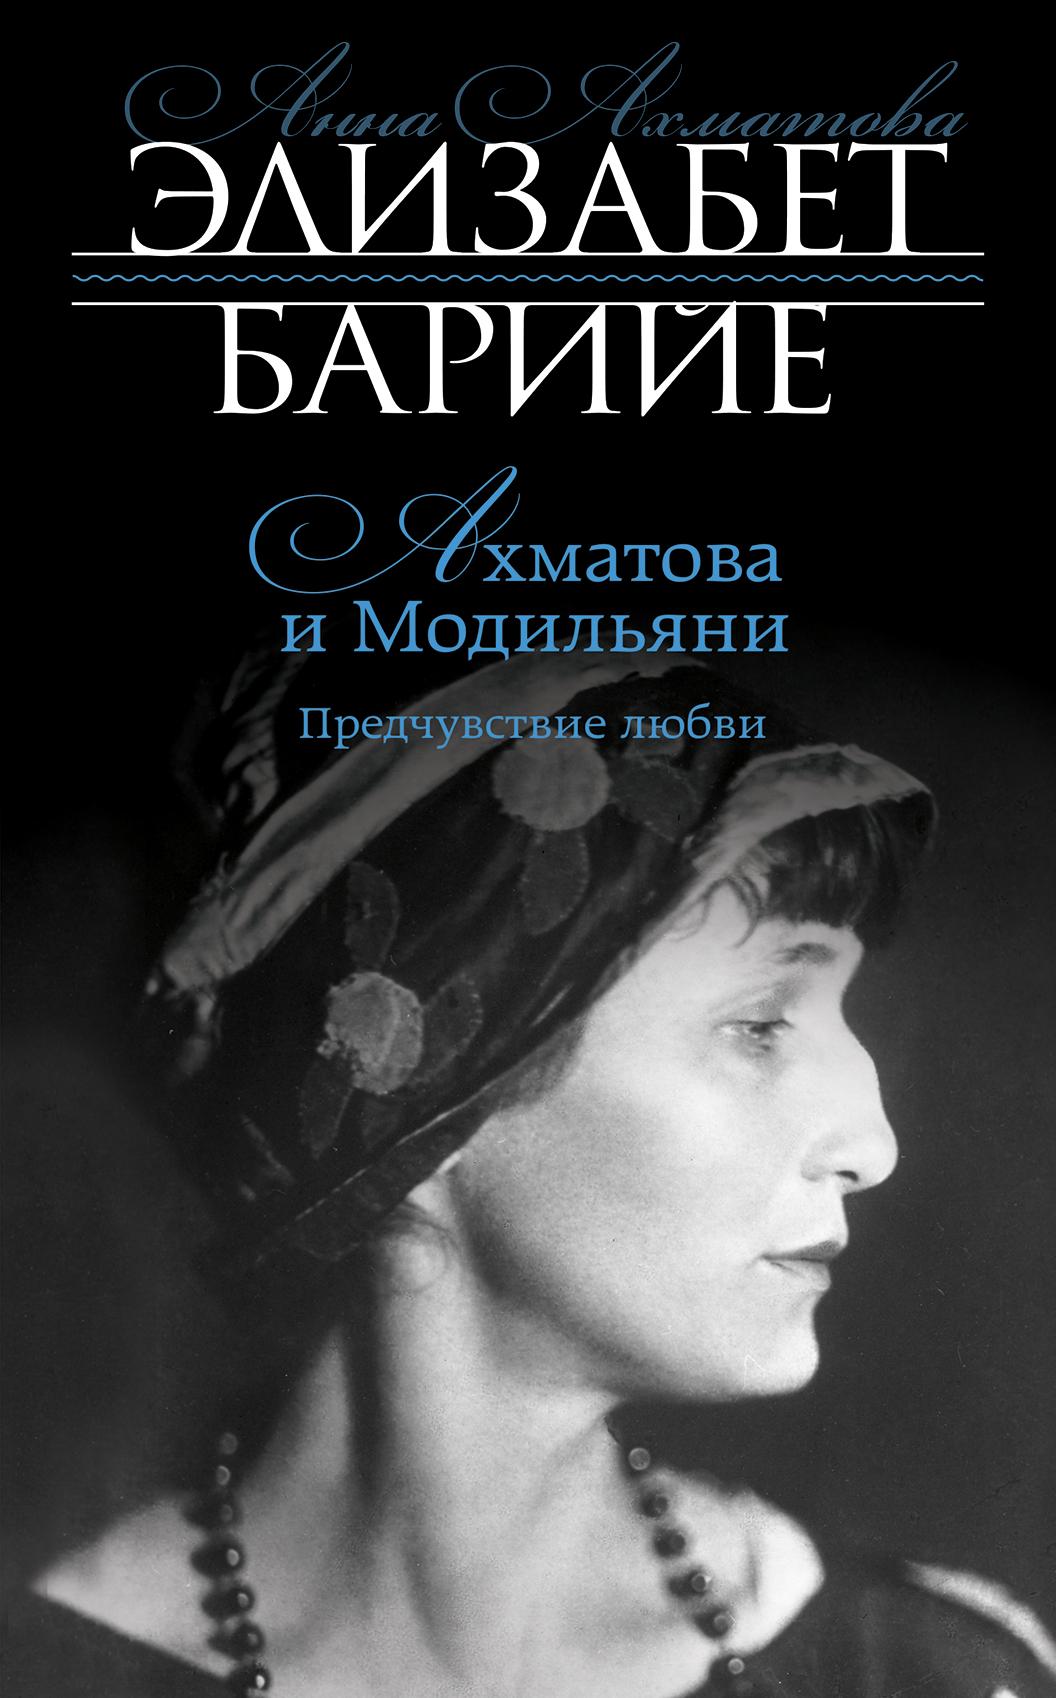 Ахматова и Модильяни. Предчувствие любви